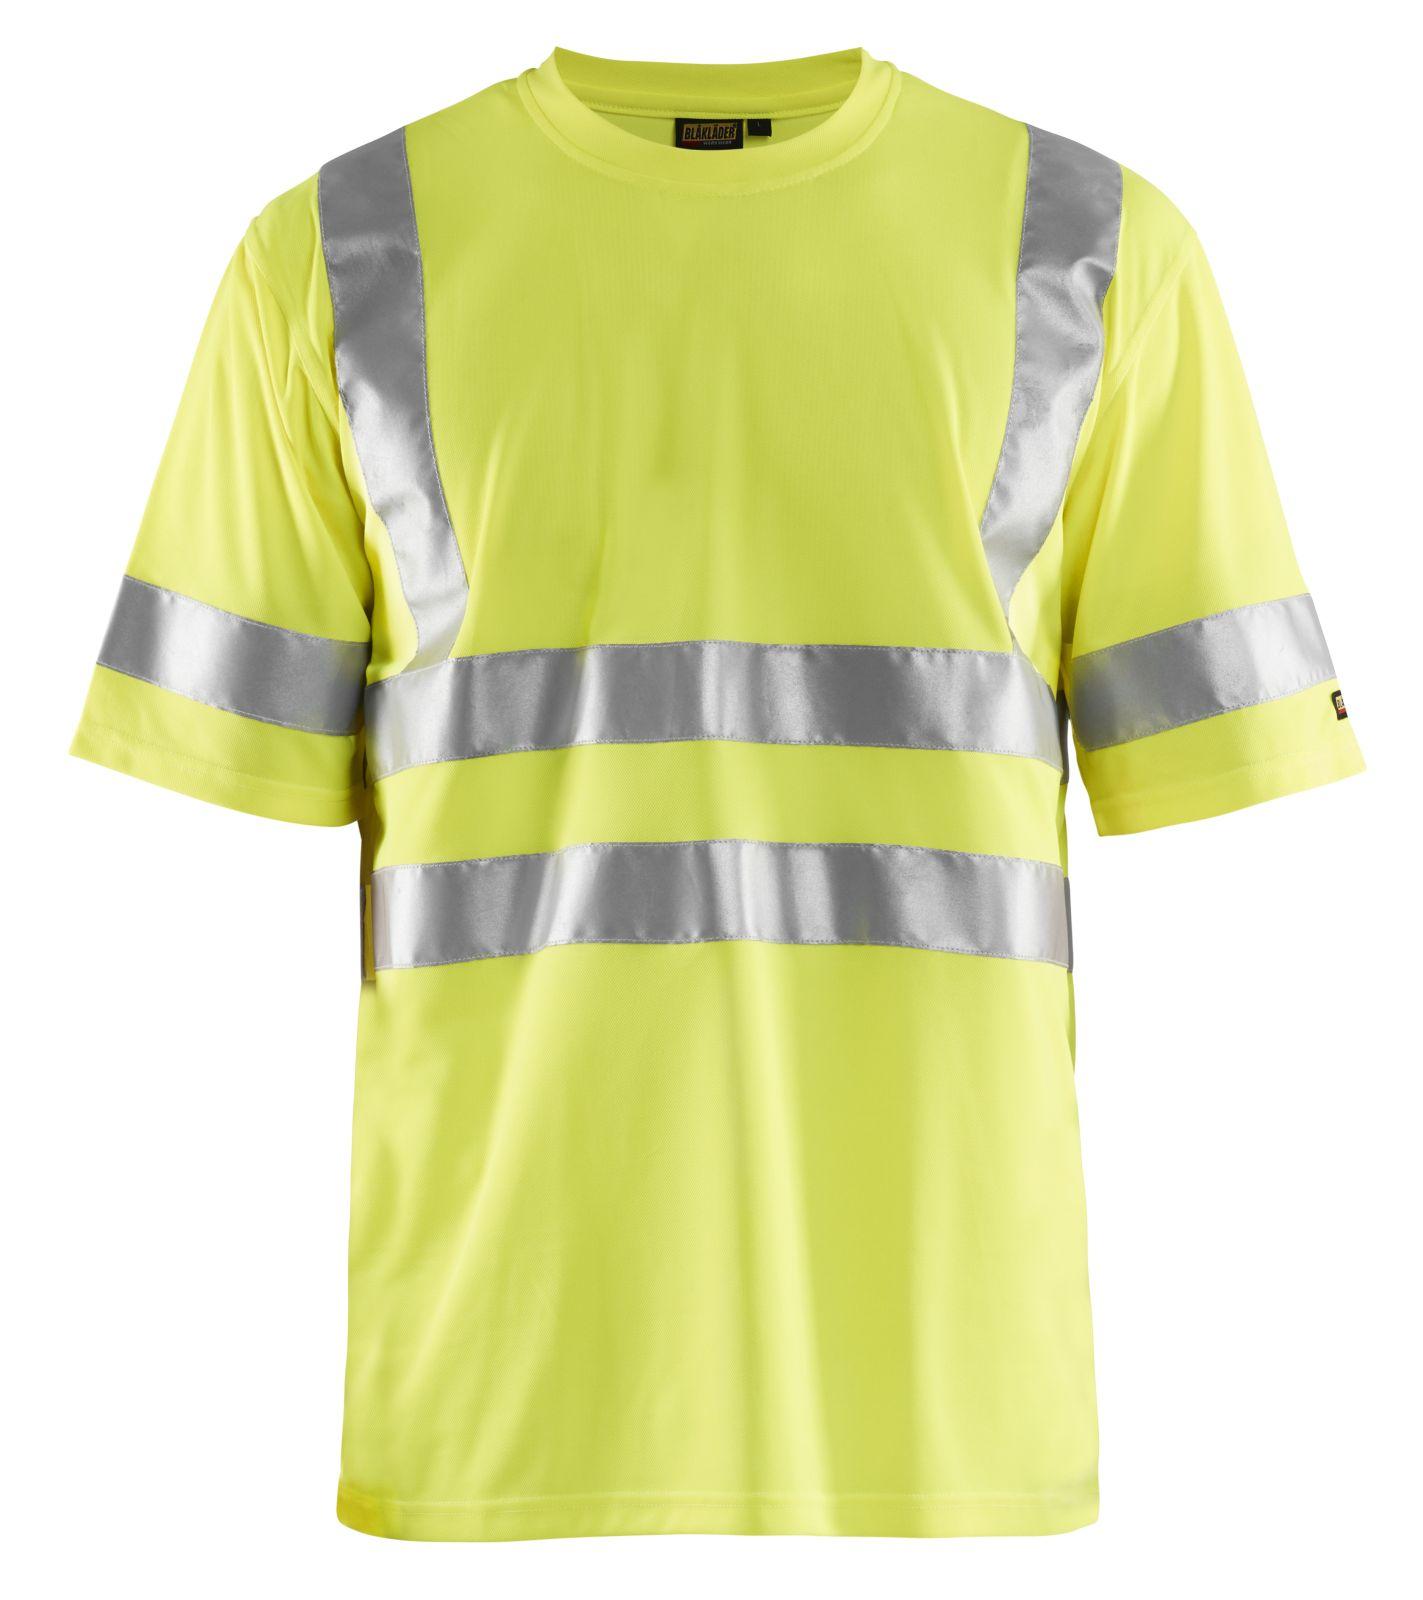 Blaklader T-shirts 34131009 fluo-geel(3300)